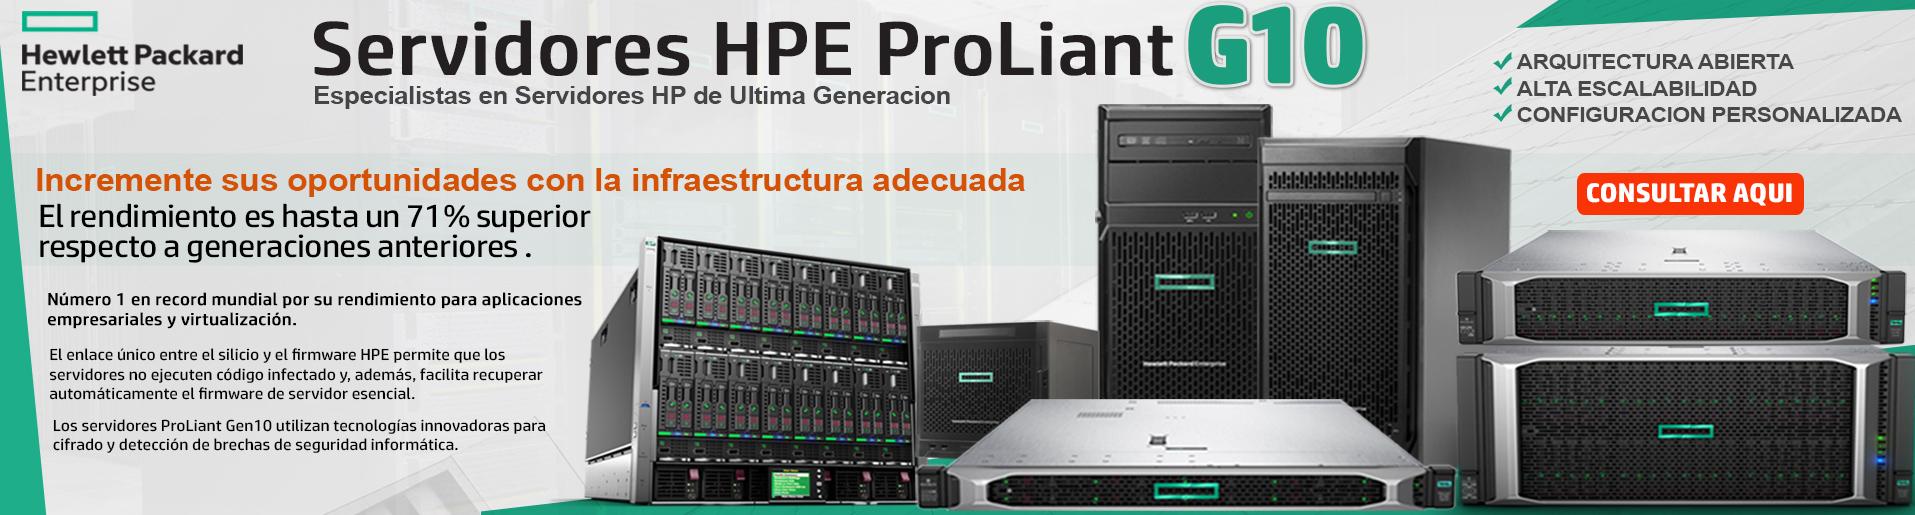 servidores-hp-g10-2.jpg